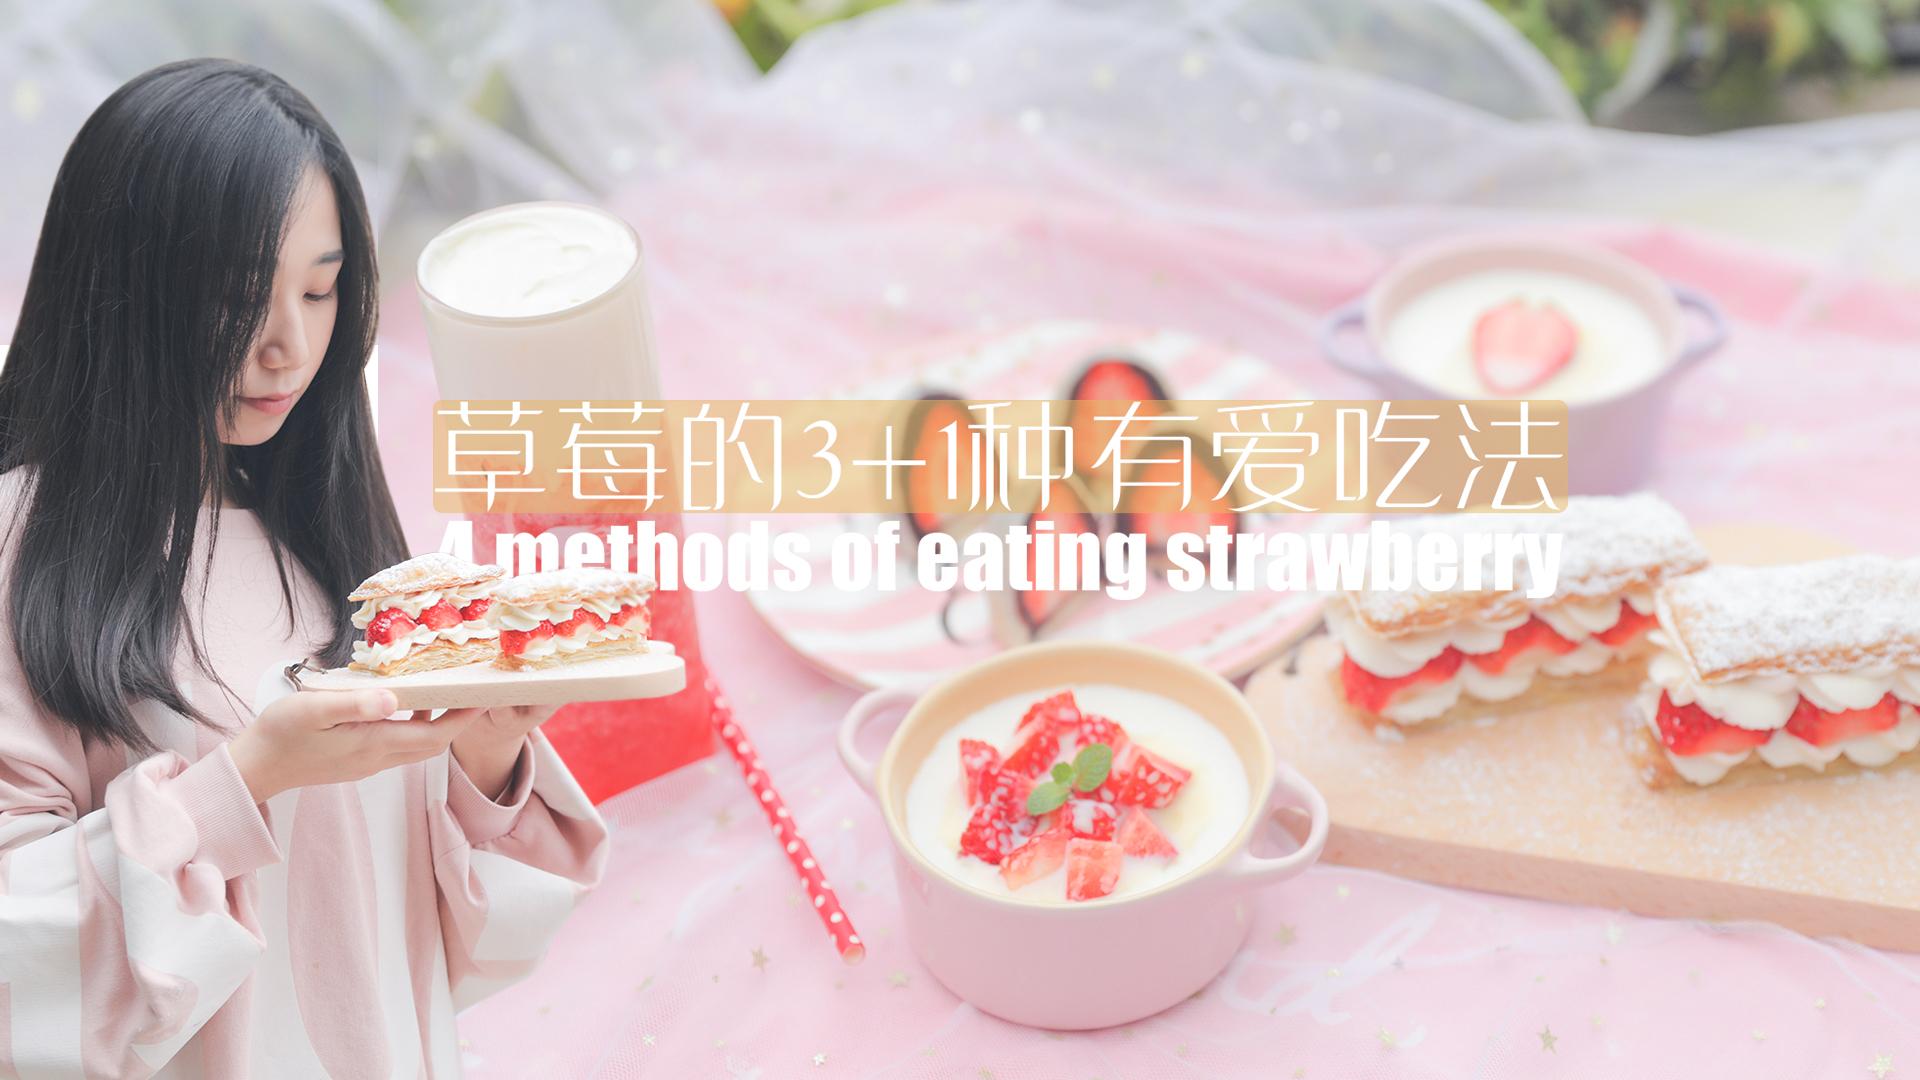 「厨娘物语」137草莓的3+1种有爱吃法